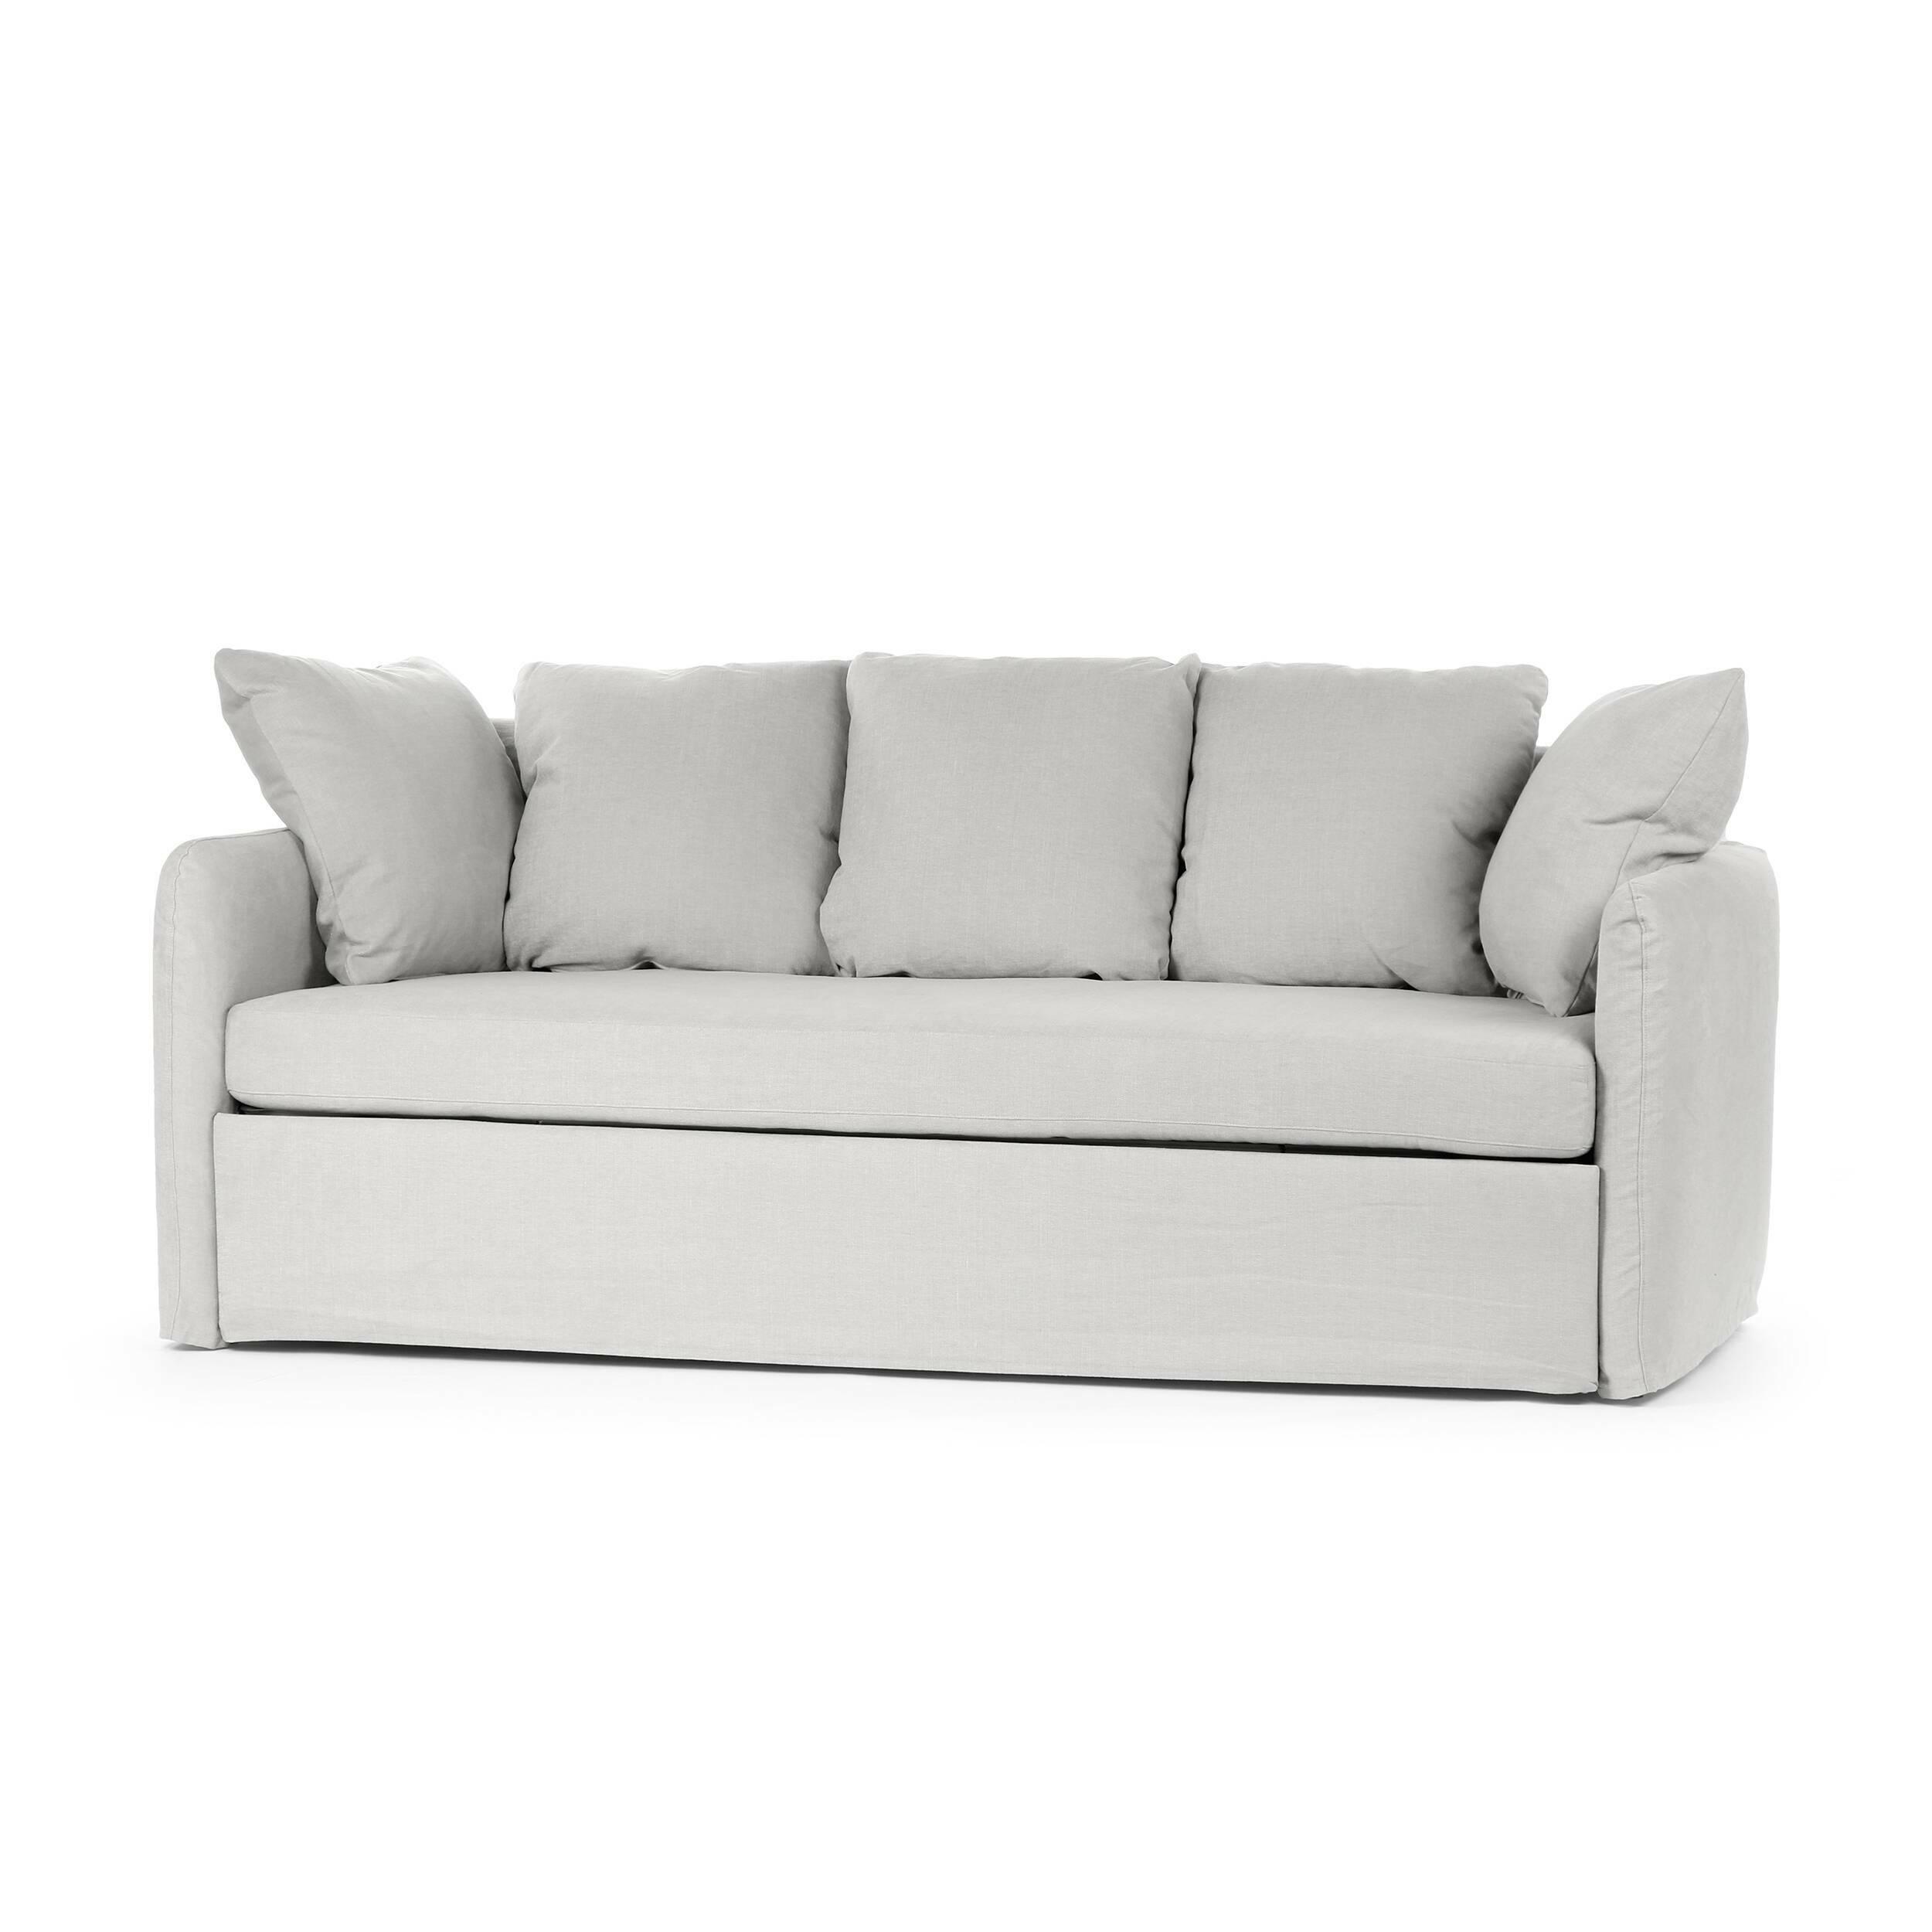 Диван LottaРаскладные<br>Простое, но необычайно милое и очаровательное изделие, этот диван может преобразить любое помещение и привнести в него нотку тепла и домашнего уюта. Диван Lotta оснащен множеством мягких пузатых подушек, которые делают его еще более приветливым, а общую атмосферу — более дружелюбной. Диван обладает мягкими, плавными чертами и формой, имеет небольшие размеры, что особенно подойдет для небольших комнат.<br><br><br> Обивка изделия изготовлена из высококачественной, износостойкой и очень приятной ...<br><br>stock: 0<br>Высота: 90<br>Высота сиденья: 47<br>Глубина: 100<br>Длина: 210<br>Материал обивки: Хлопок, Лен<br>Степень комфортности: Стандарт комфорт<br>Коллекция ткани: Категория ткани II<br>Тип материала обивки: Ткань<br>Размер спального места (см): 185х162<br>Цвет обивки: Светло-серый